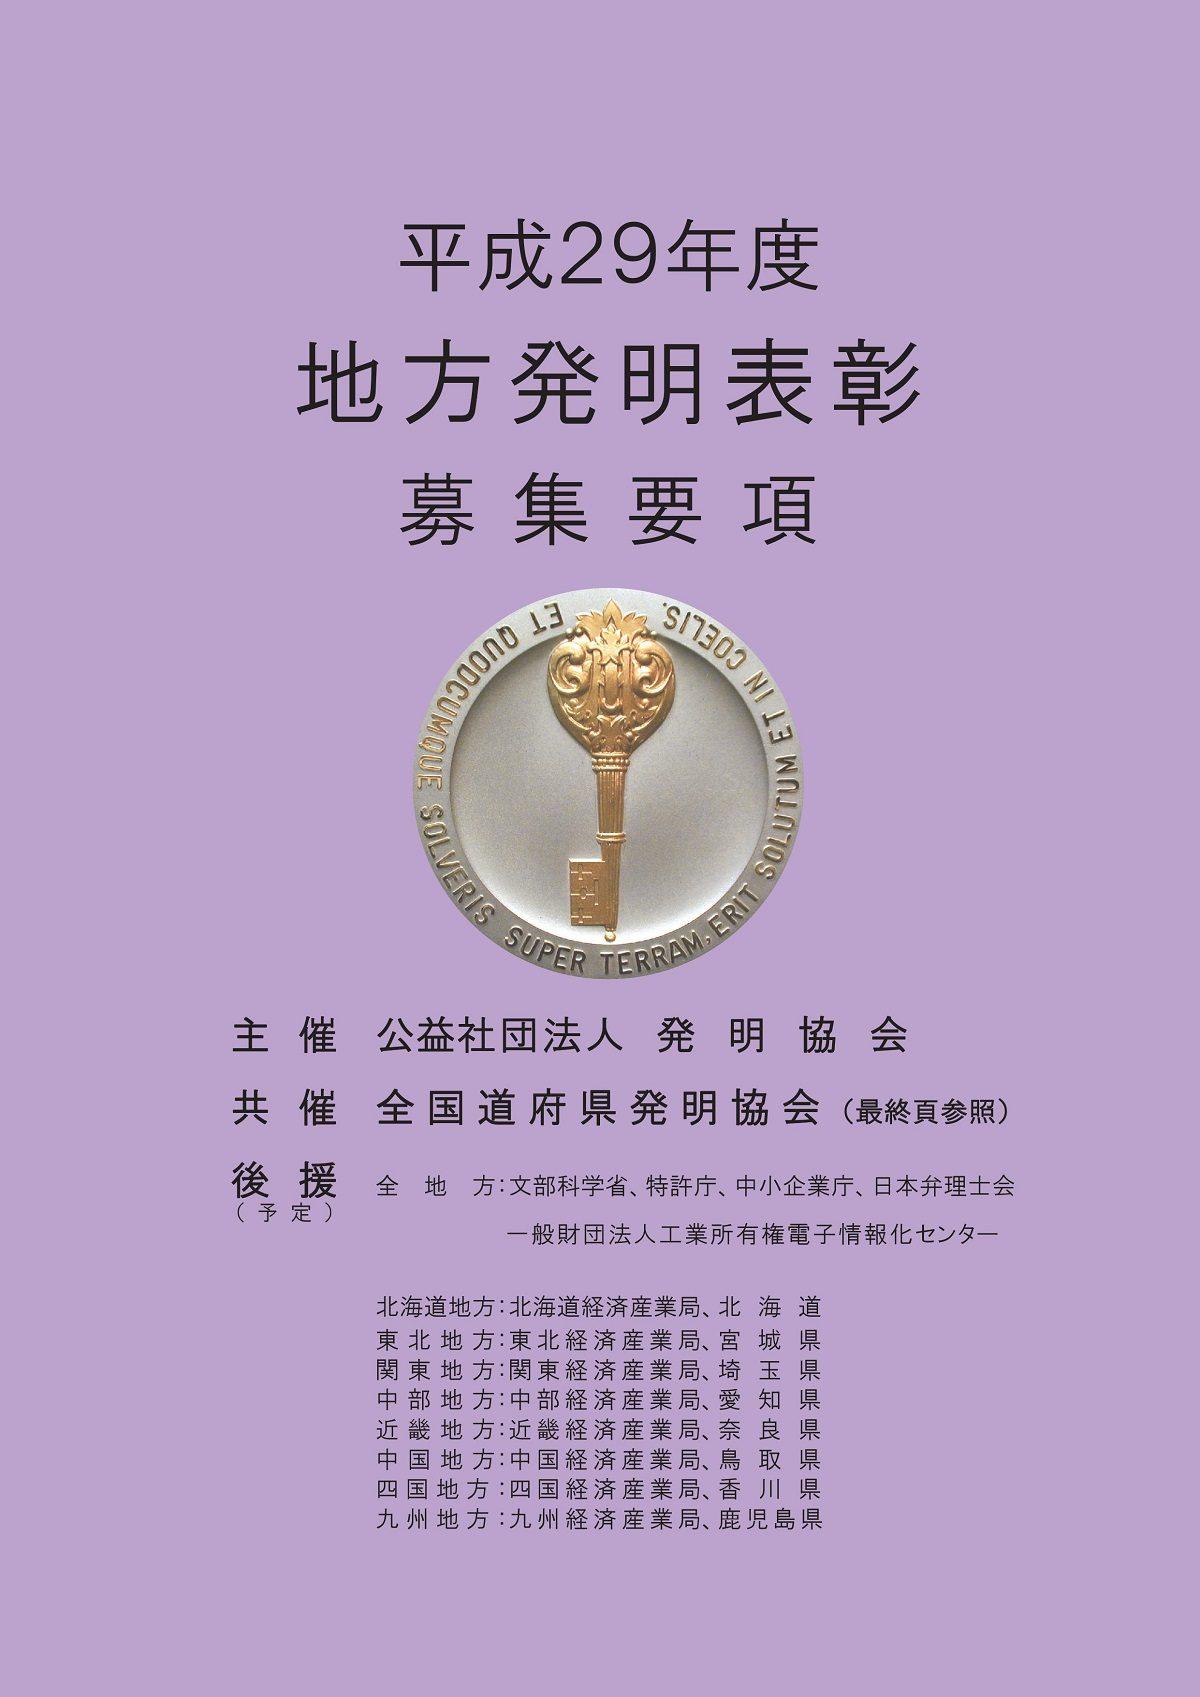 平成29年度 中国地方発明表彰 受賞者が発表されました!